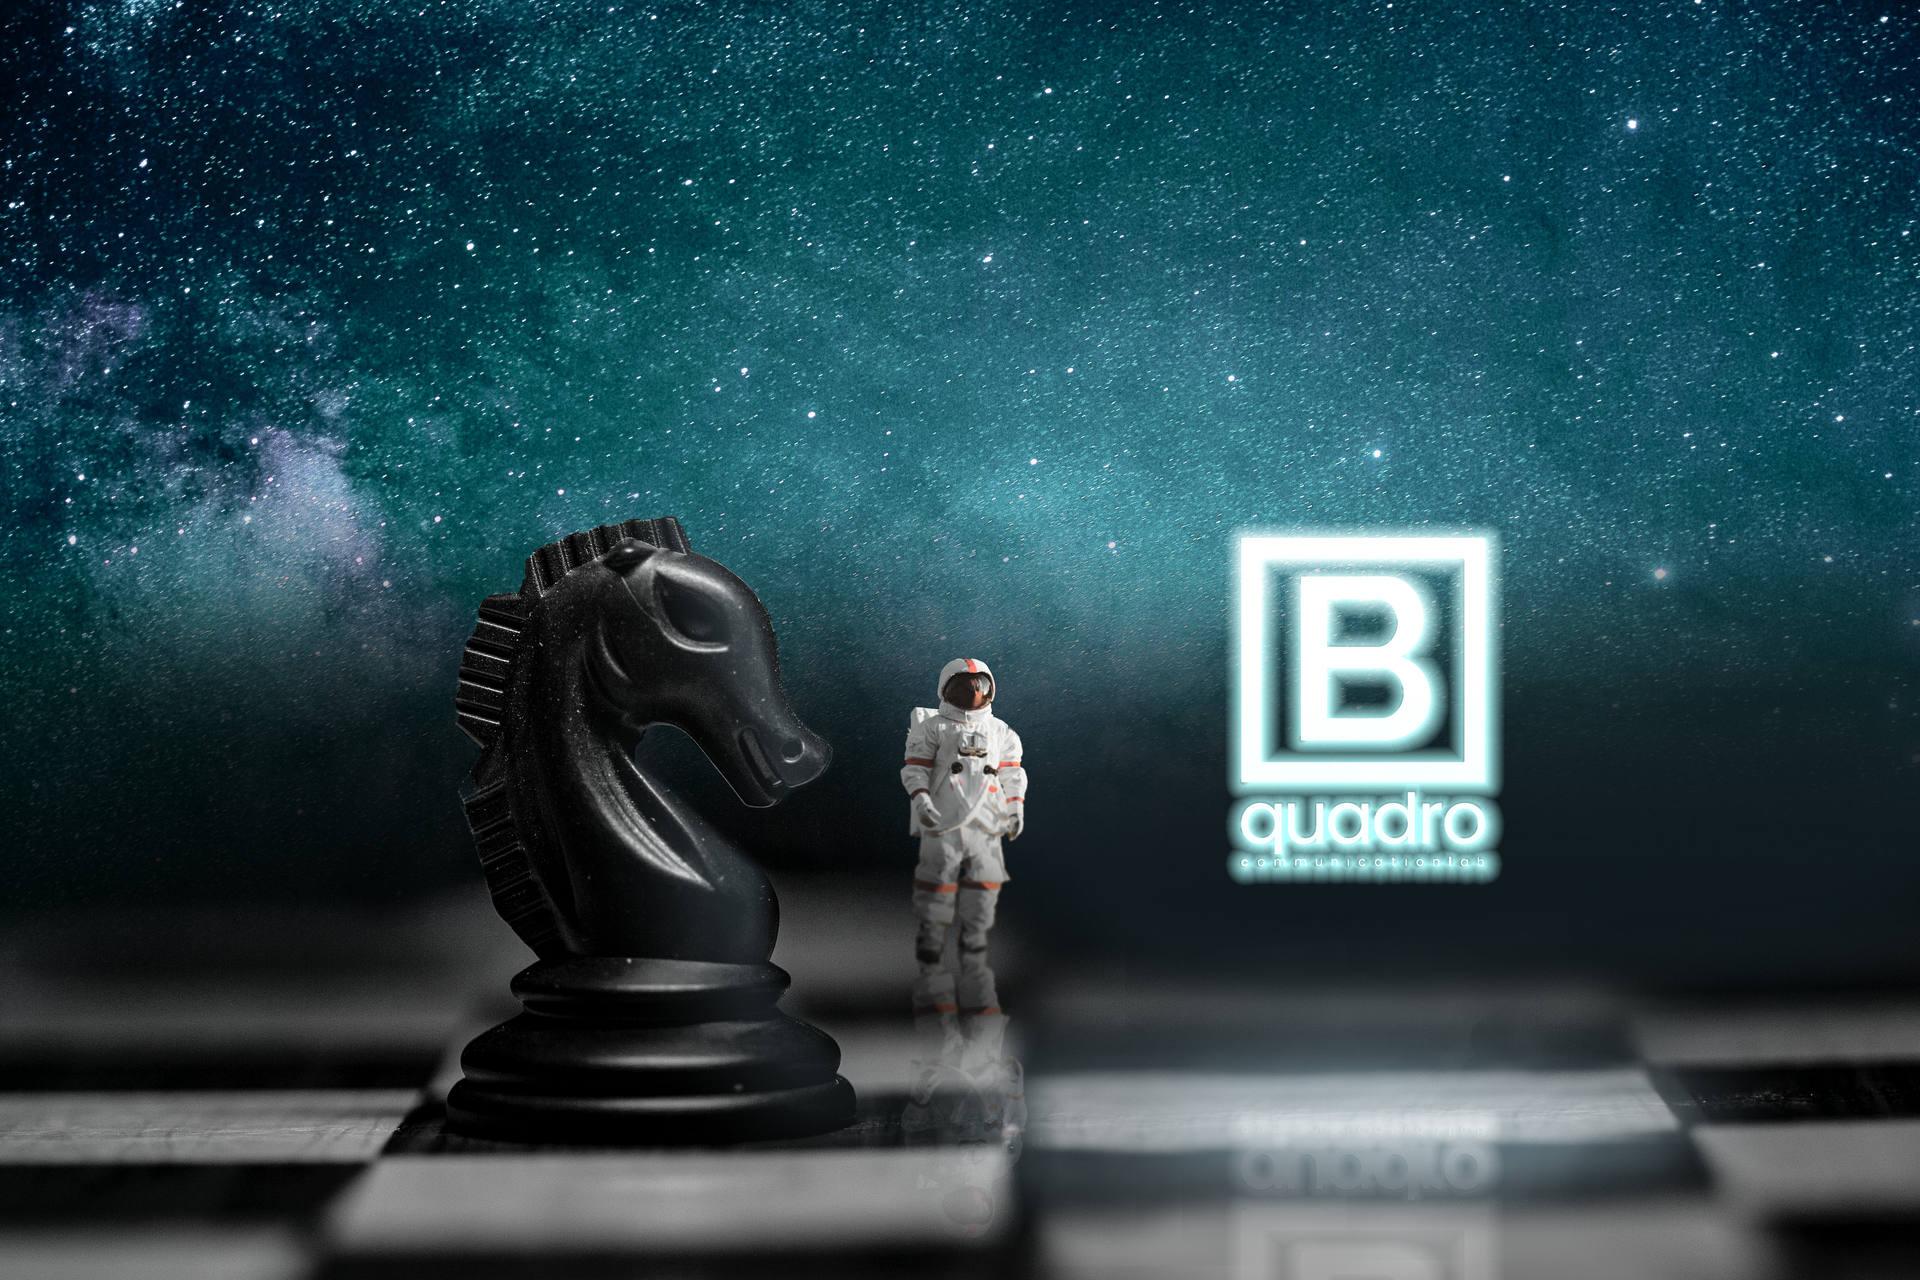 strategia-di-marketing-che-funziona-per-aziende-con-bquadro-agency-agenzia-di-marketing-e-comunicazione-a-brescia